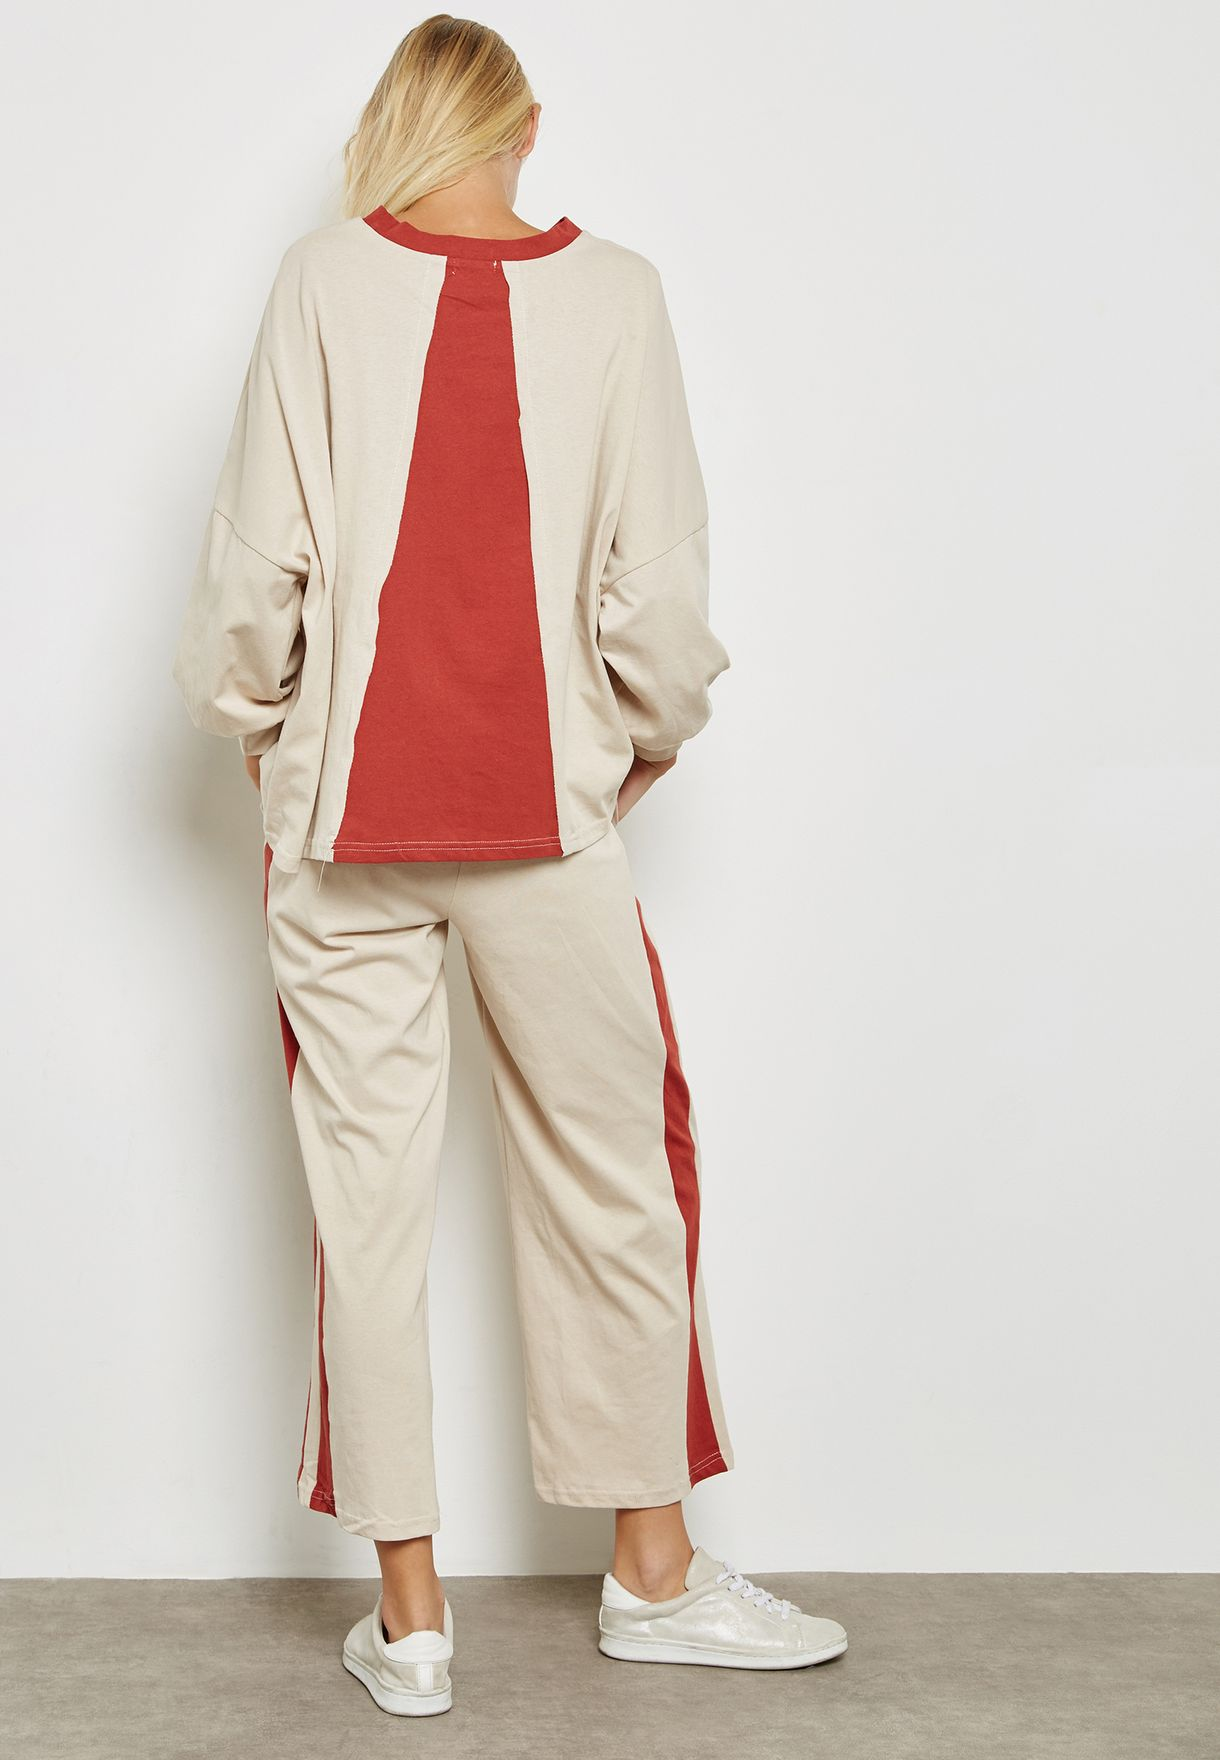 Colourblock Detail Pants Set